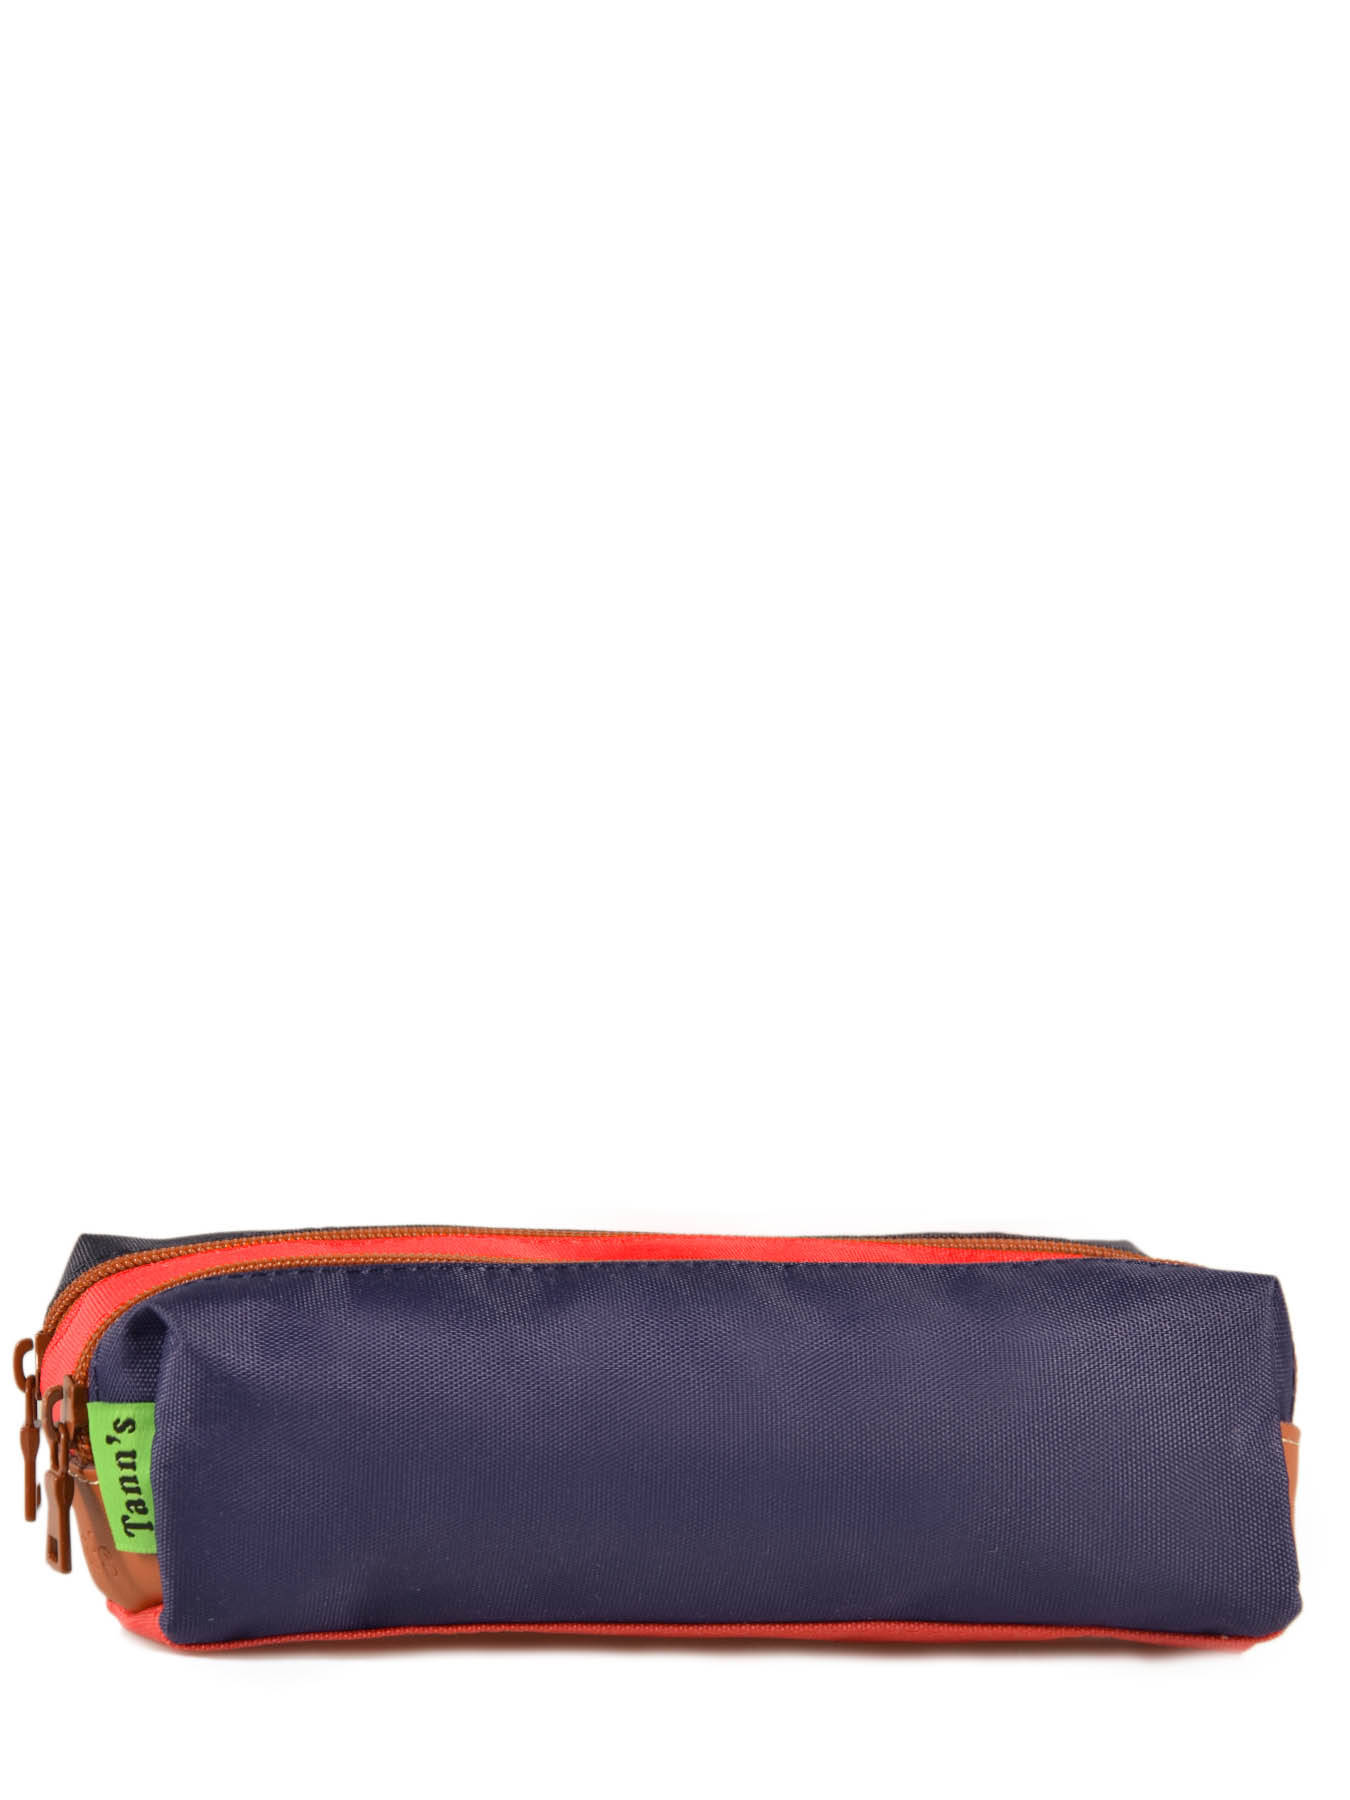 Trousse Tann's Iconic - 2 compartiments Bleu/Rouge cX6OaD